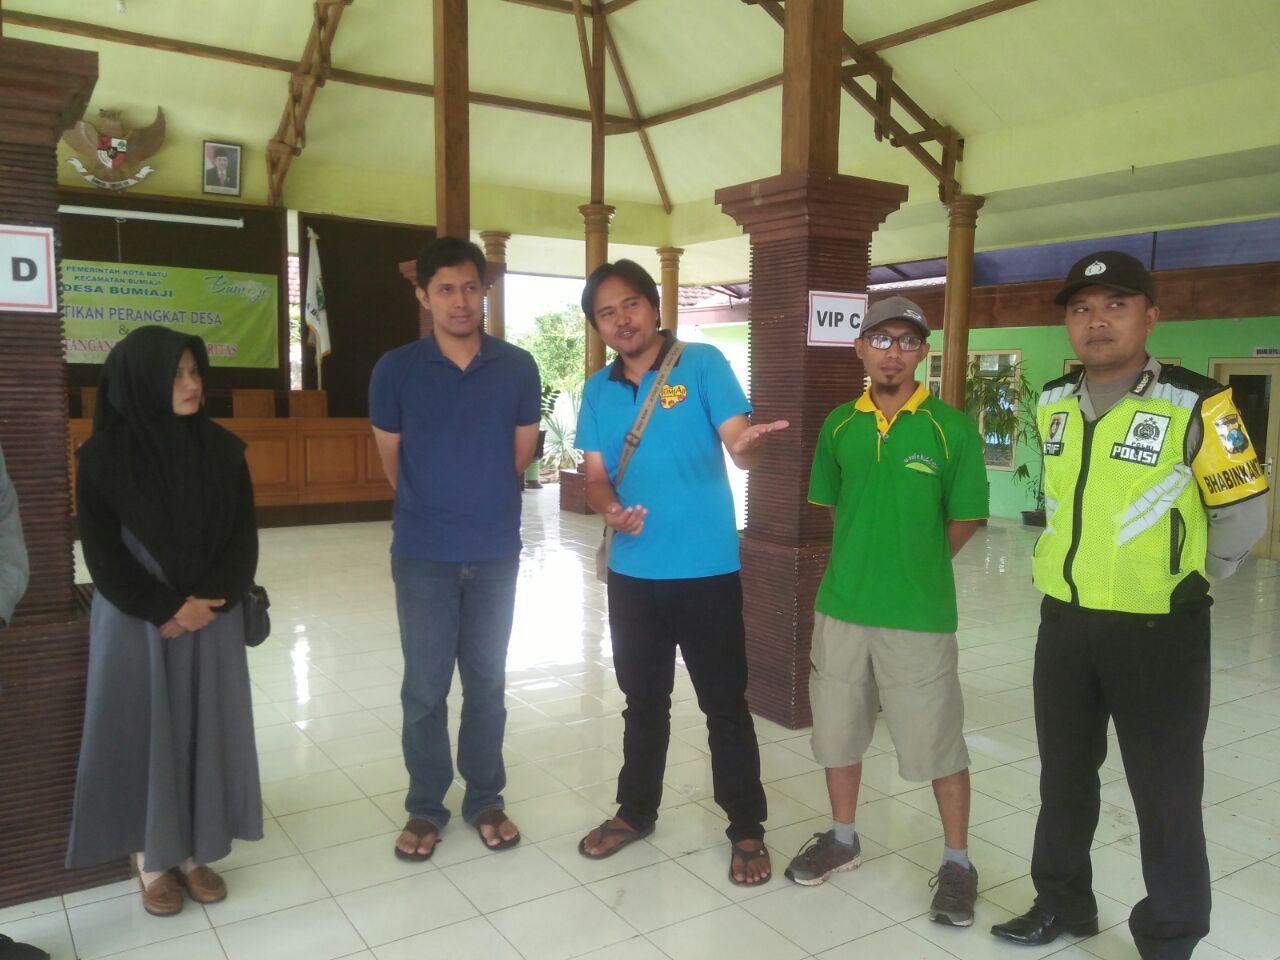 Polres Batu, Anggota Bhabin Polsek Bumiaji Polres Batu Melaksanakan Giat Pembinaan Dan Berikan Himbauan Kamtibmas Kepada Mahasiswa Brawijaya